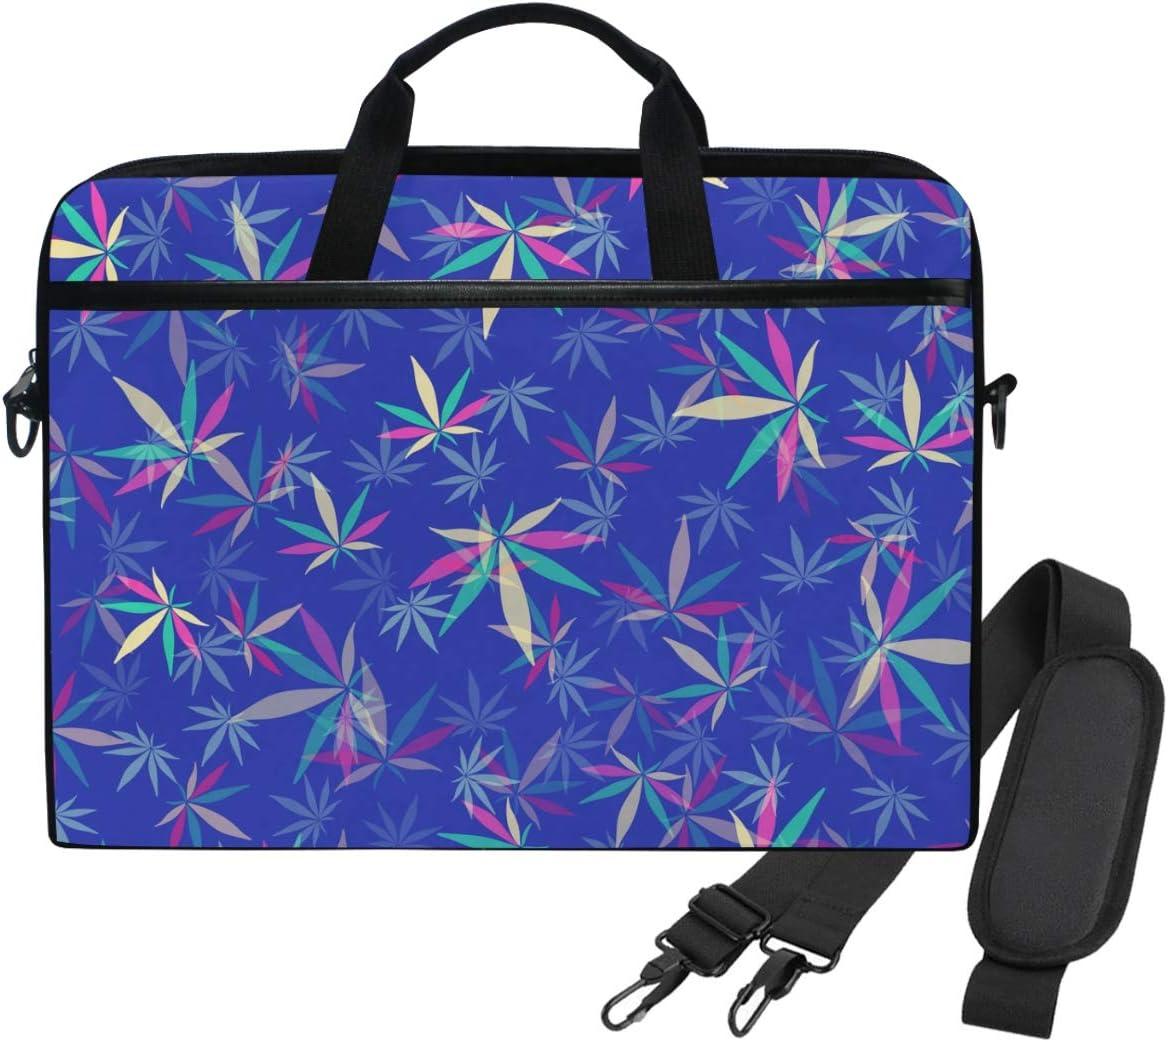 Emoya - Bolsa de hombro para ordenador portátil de 13 a 14 pulgadas, diseño de hojas de marihuana y cannabis azul